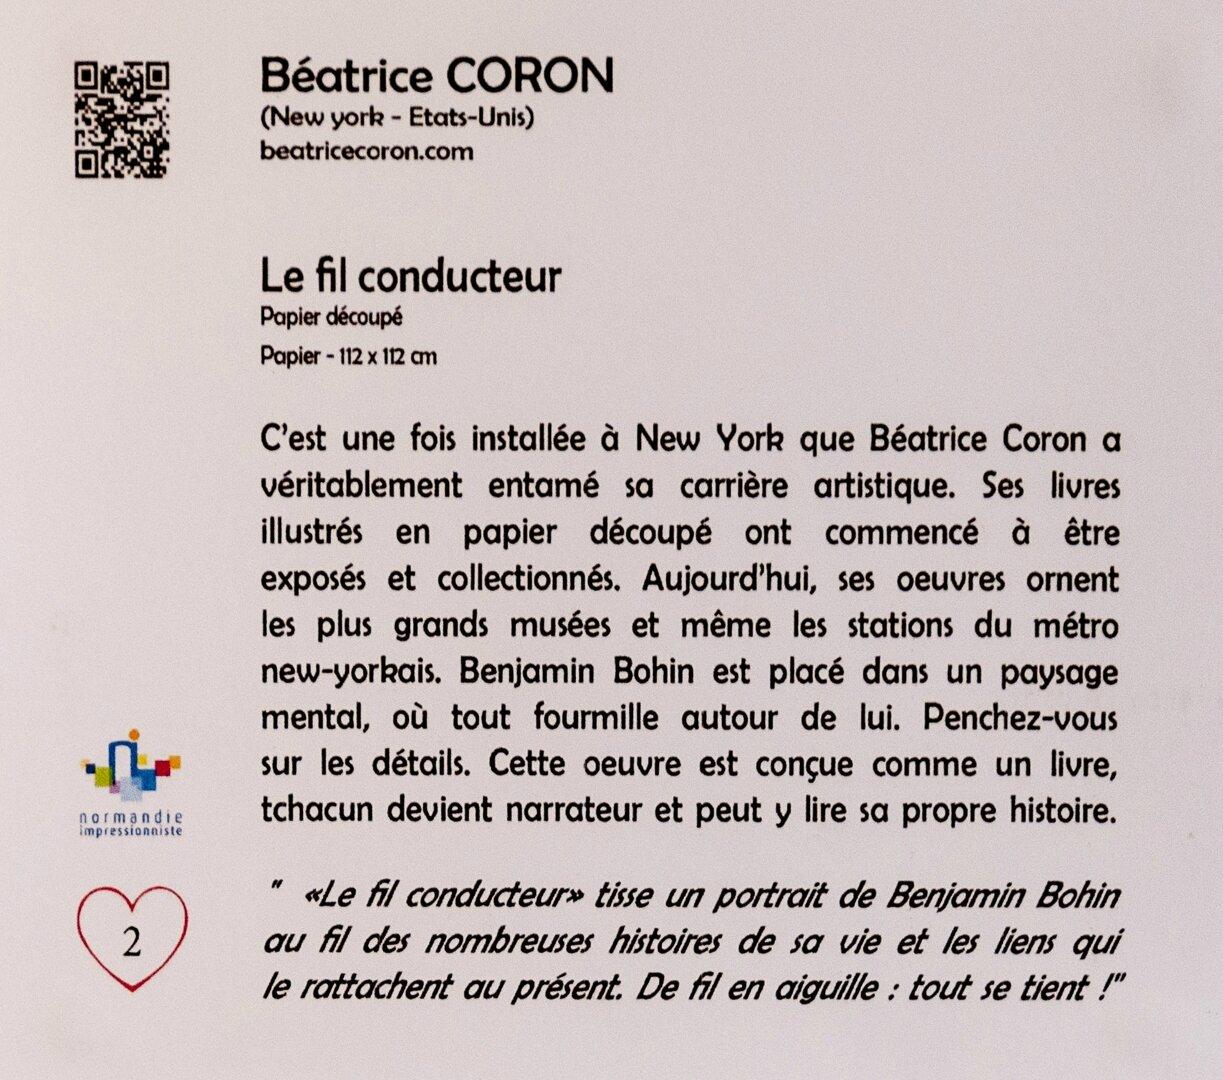 2016-05-21_17-33-52_Trait Portrait_Béatrice CORON